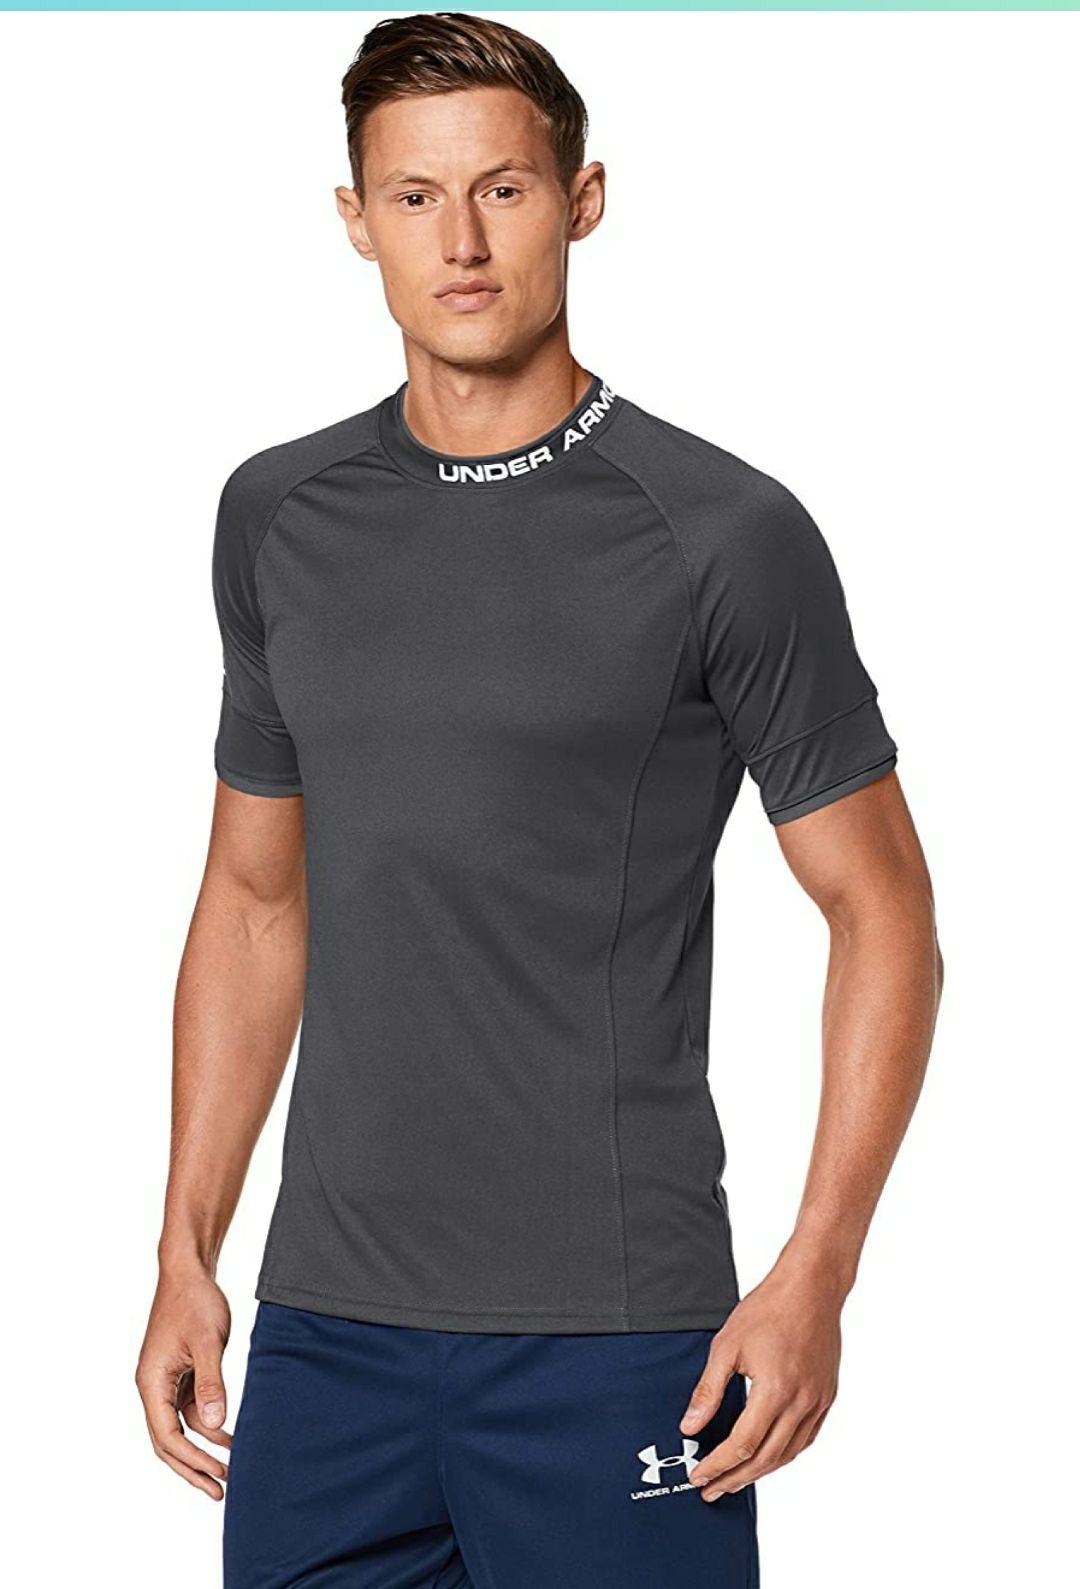 Camiseta Under Armour. Talla S-M.